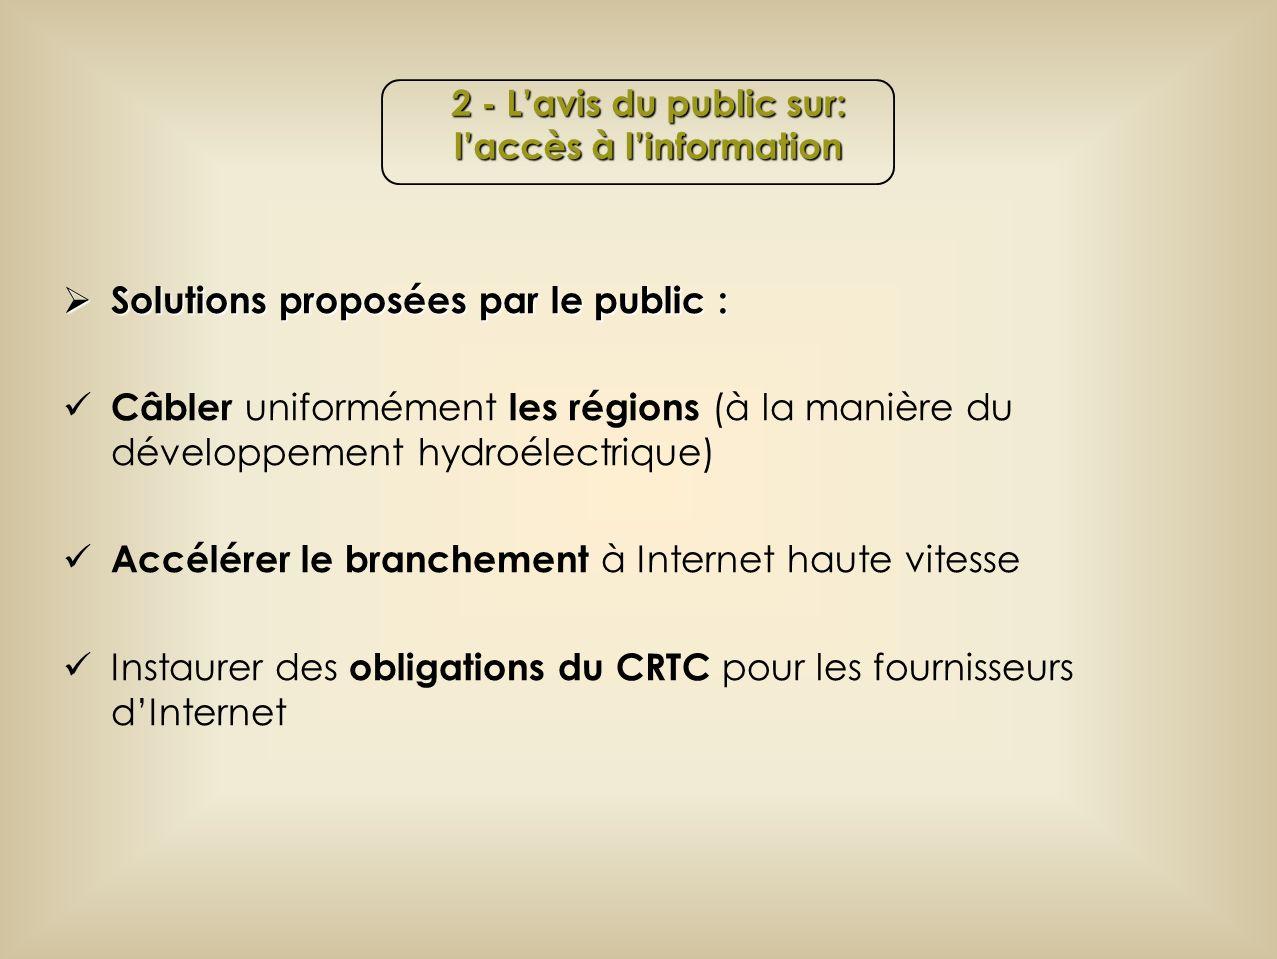 Solutions proposées par le public : Solutions proposées par le public : Câbler uniformément les régions (à la manière du développement hydroélectrique